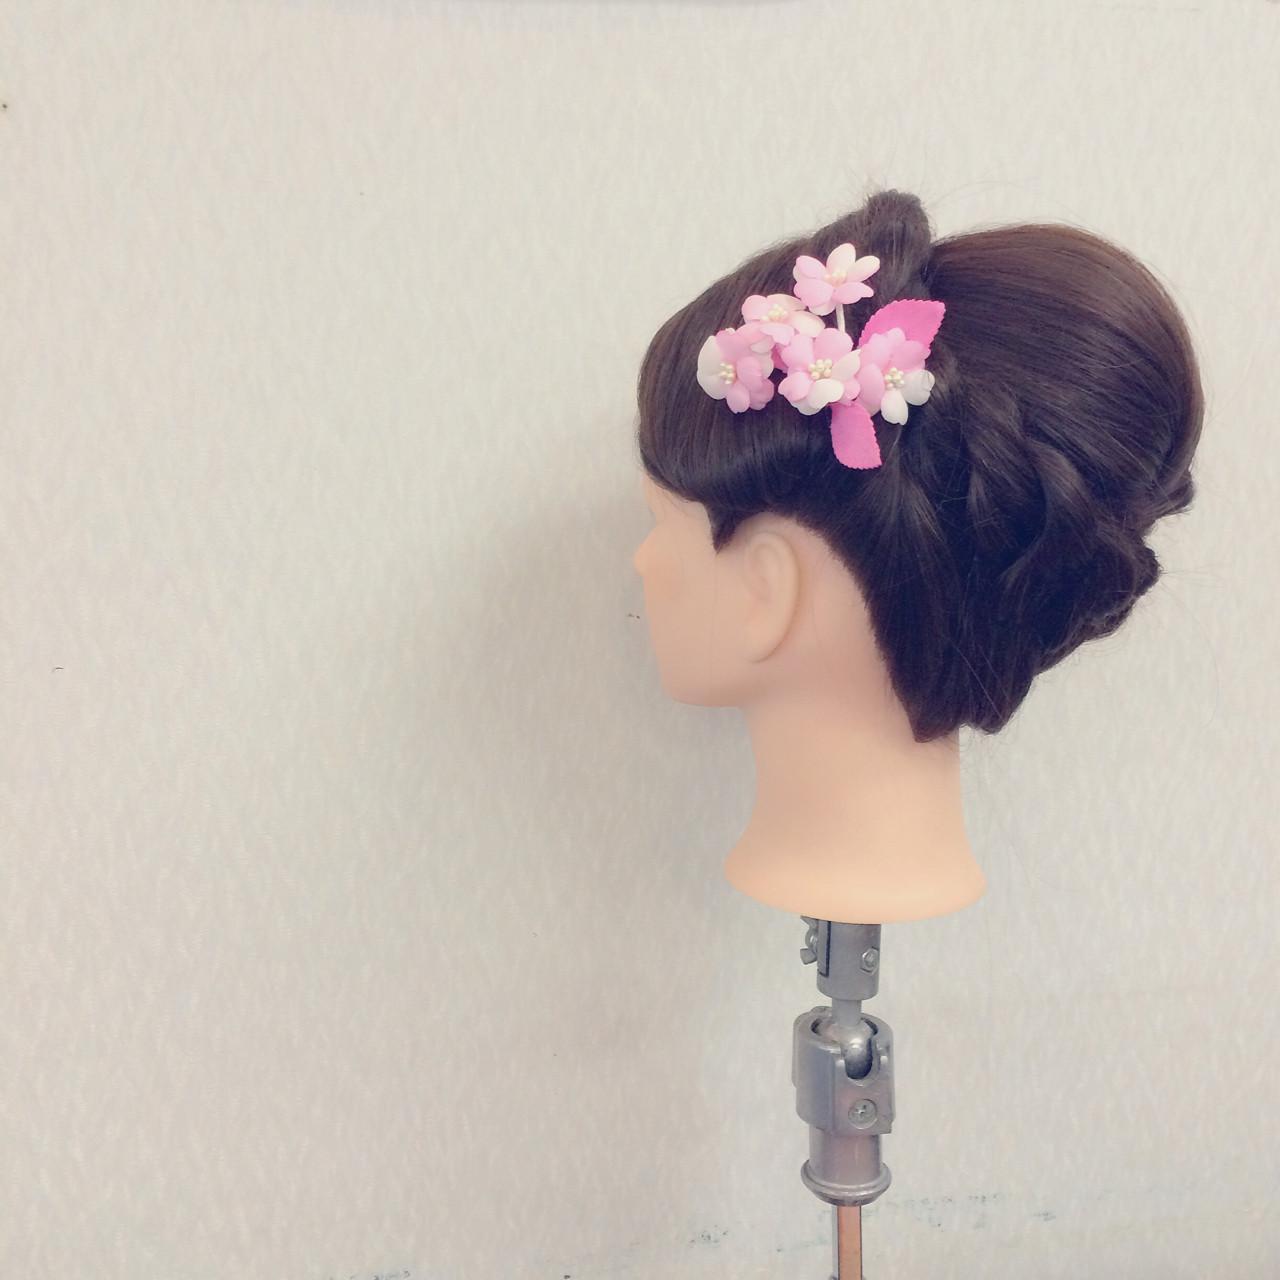 結婚式 簡単ヘアアレンジ セミロング ヘアアレンジ ヘアスタイルや髪型の写真・画像 | ヤマナカサトル / DIOR of Hair